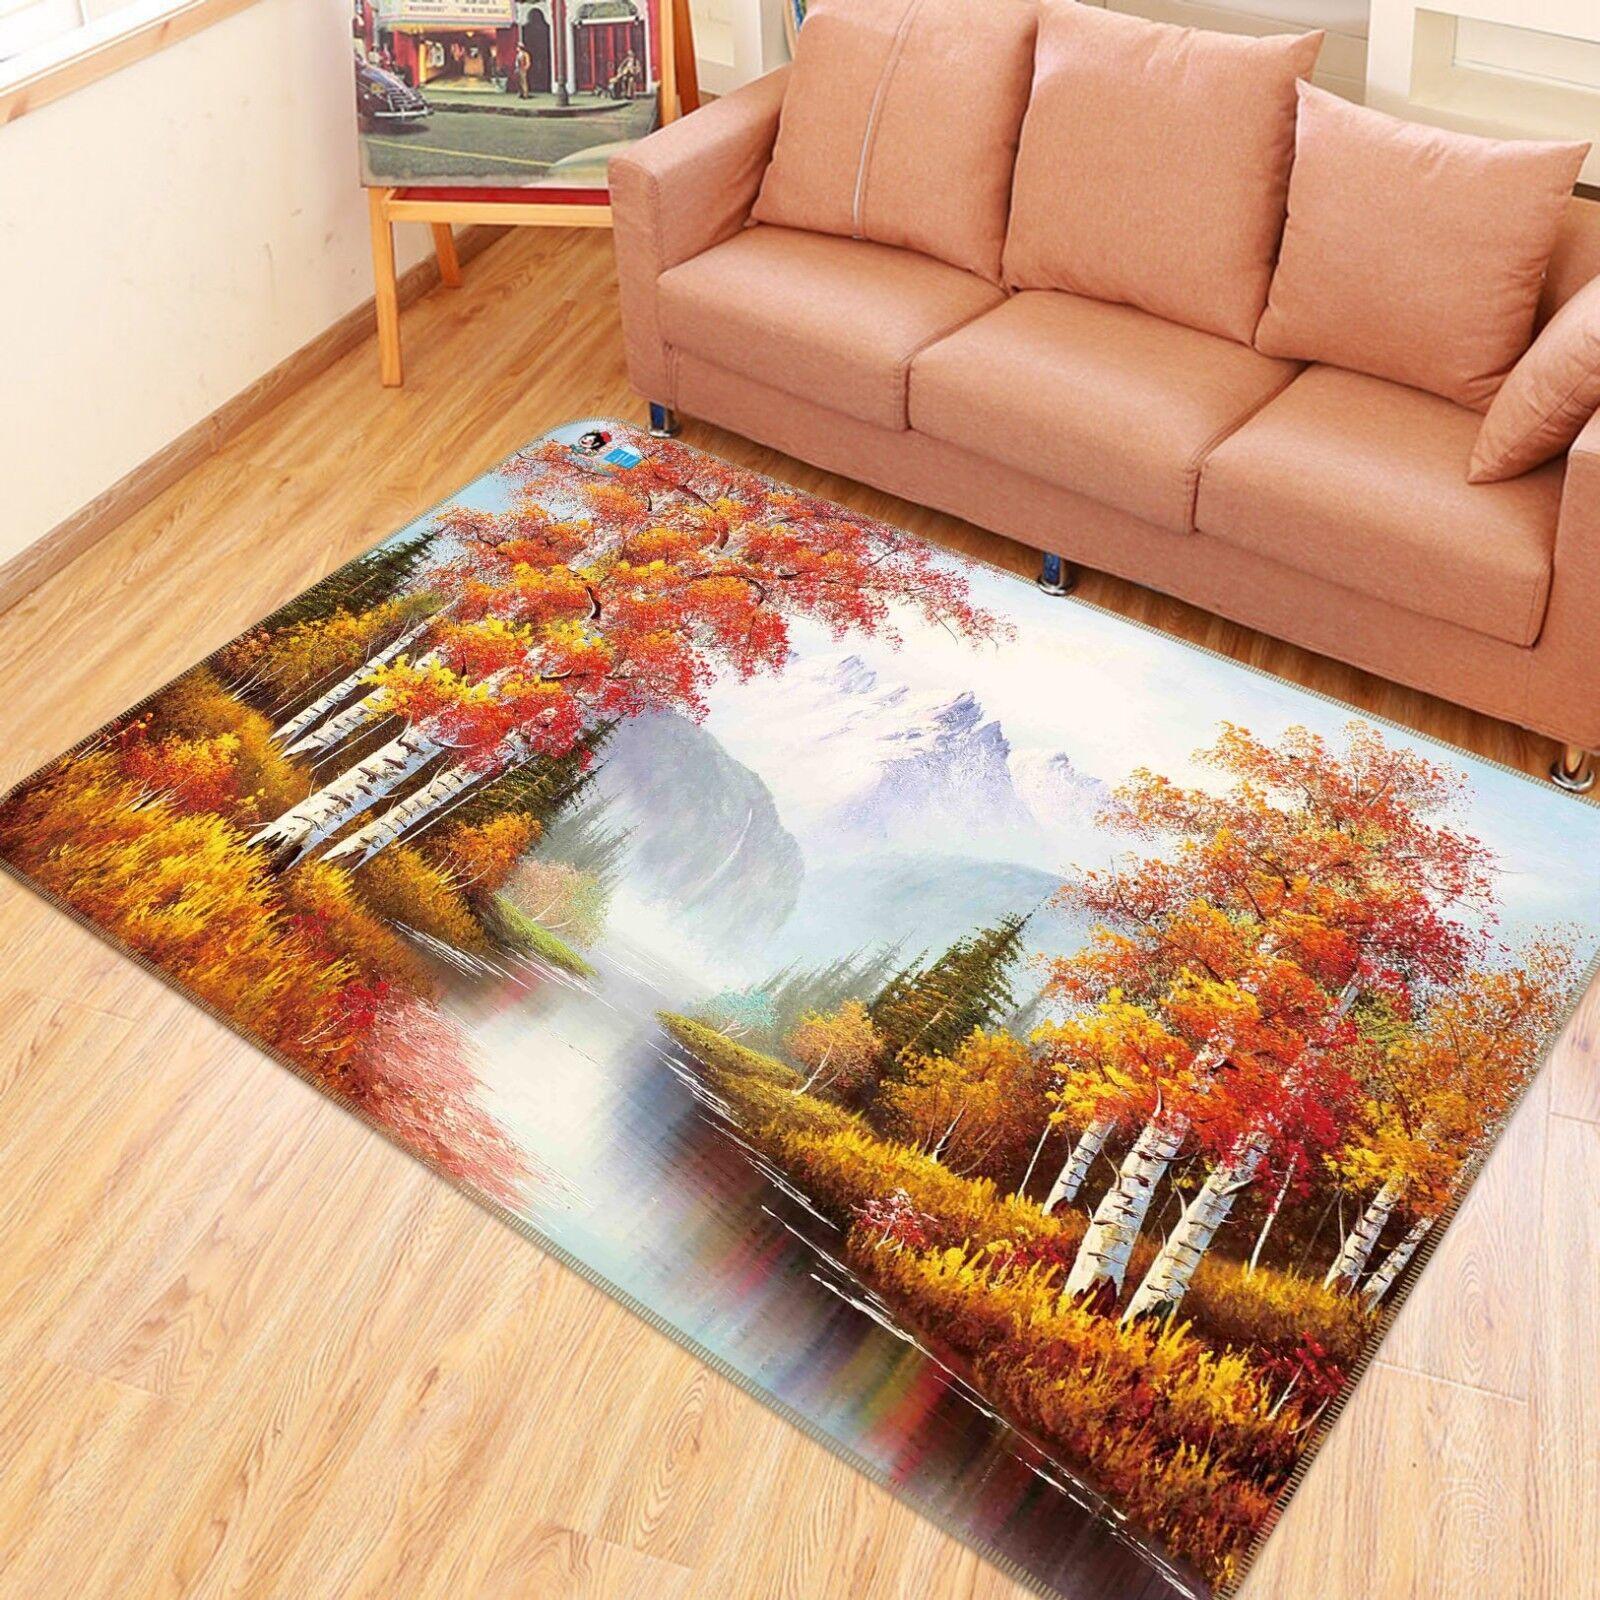 3D Forest Étage Peinture 310 Étage Forest Antidérapant Natte Élégant Tapis FR Tiffany 081eae